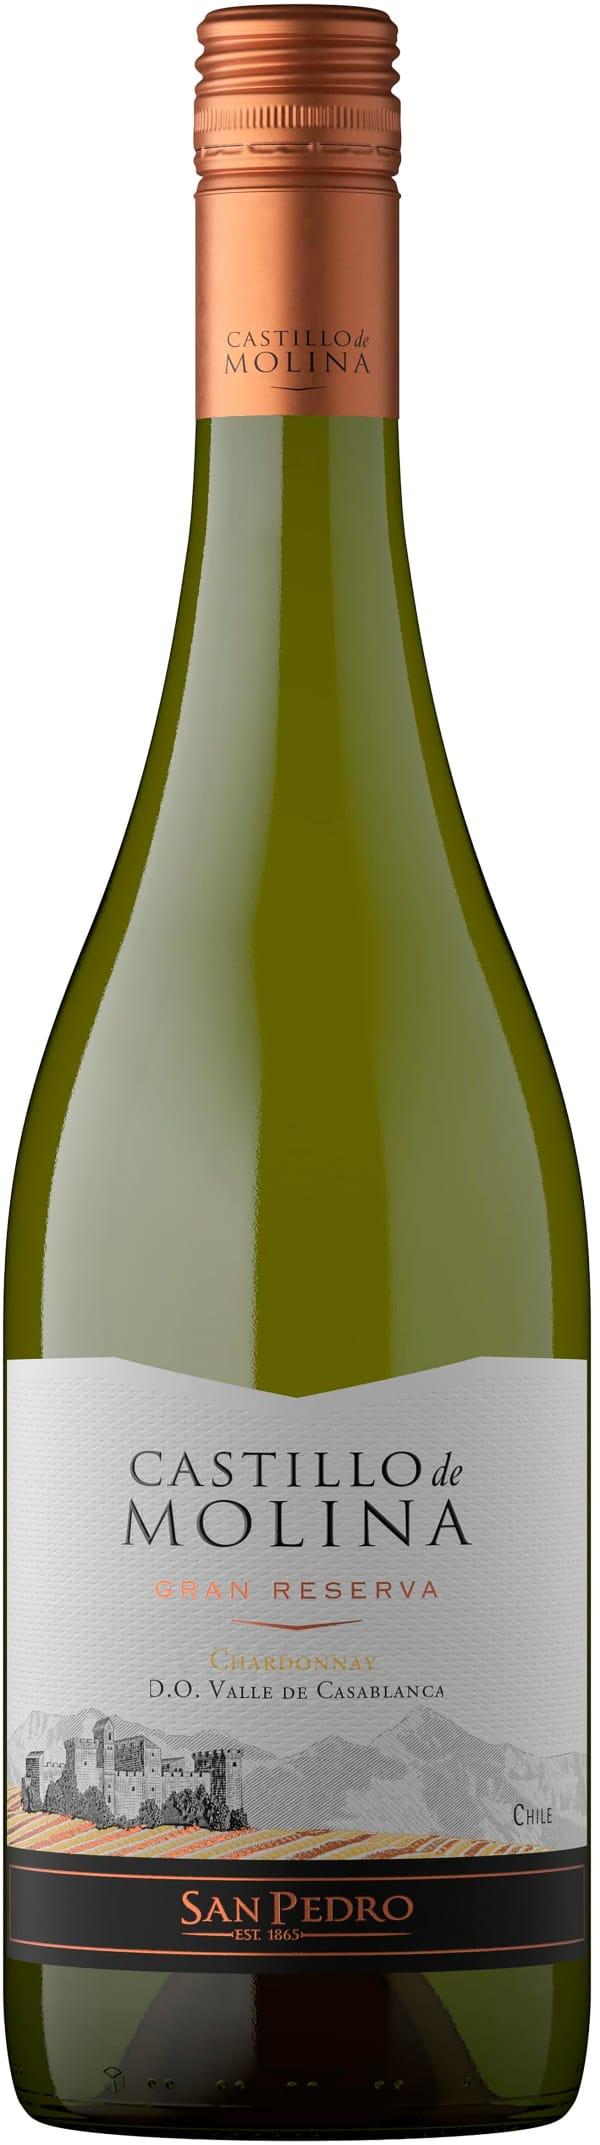 Castillo de Molina Reserva Chardonnay 2018